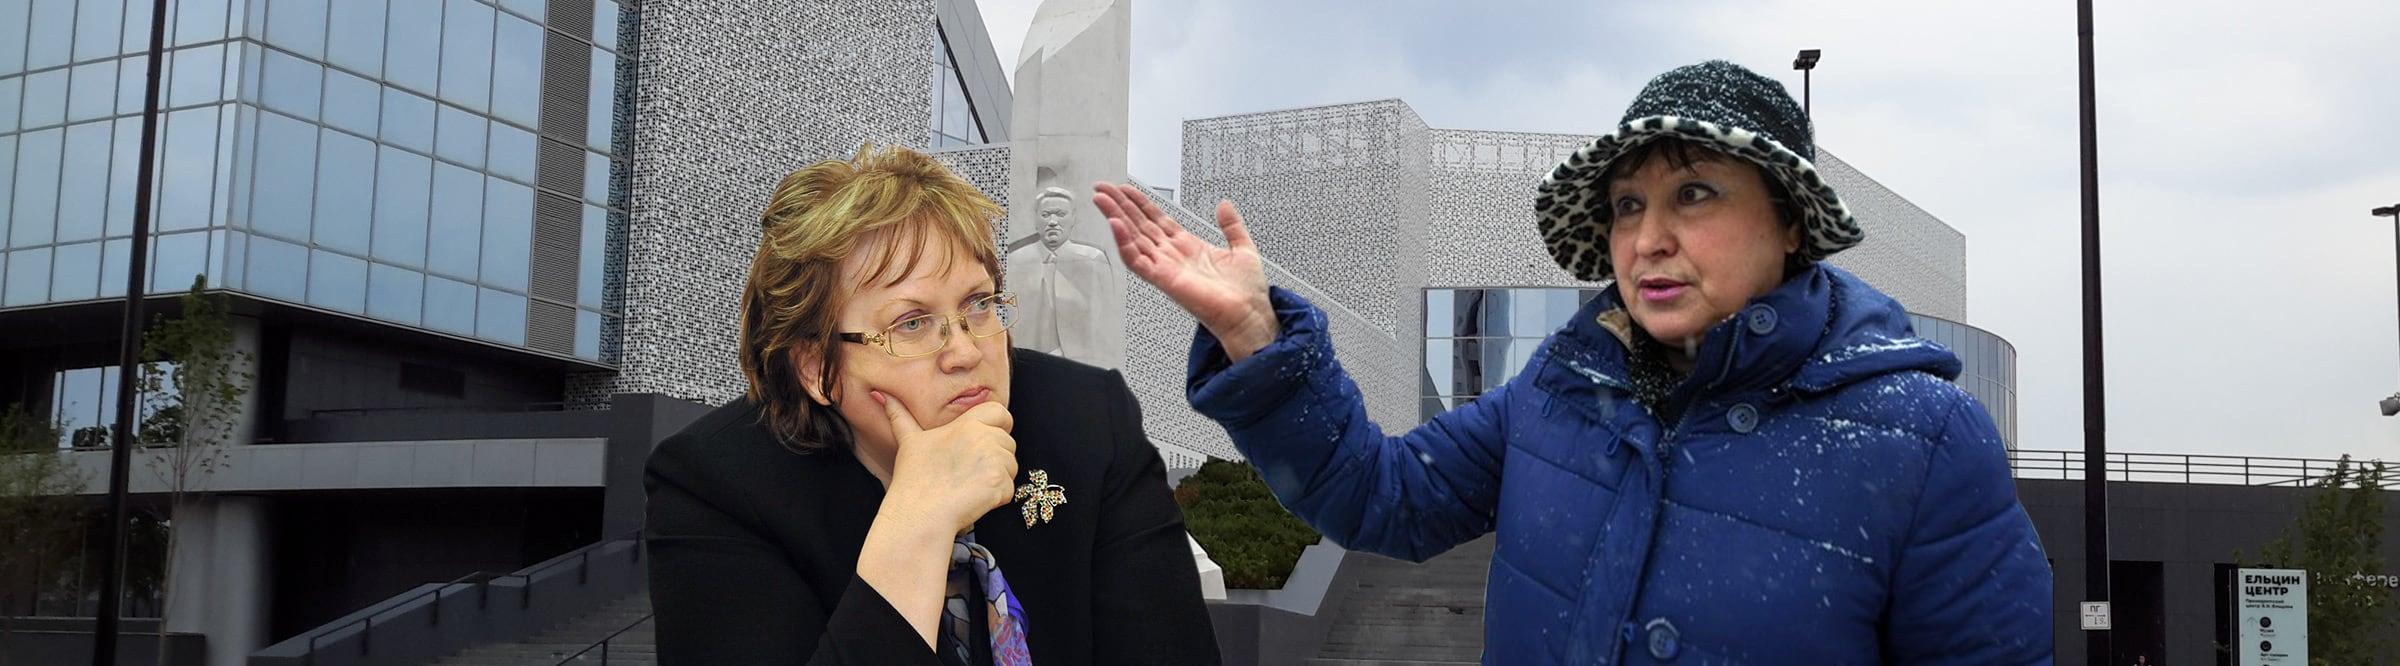 Омбудсмен Мерзлякова продолжает навязывать уральским школам изучать «политические репрессии»